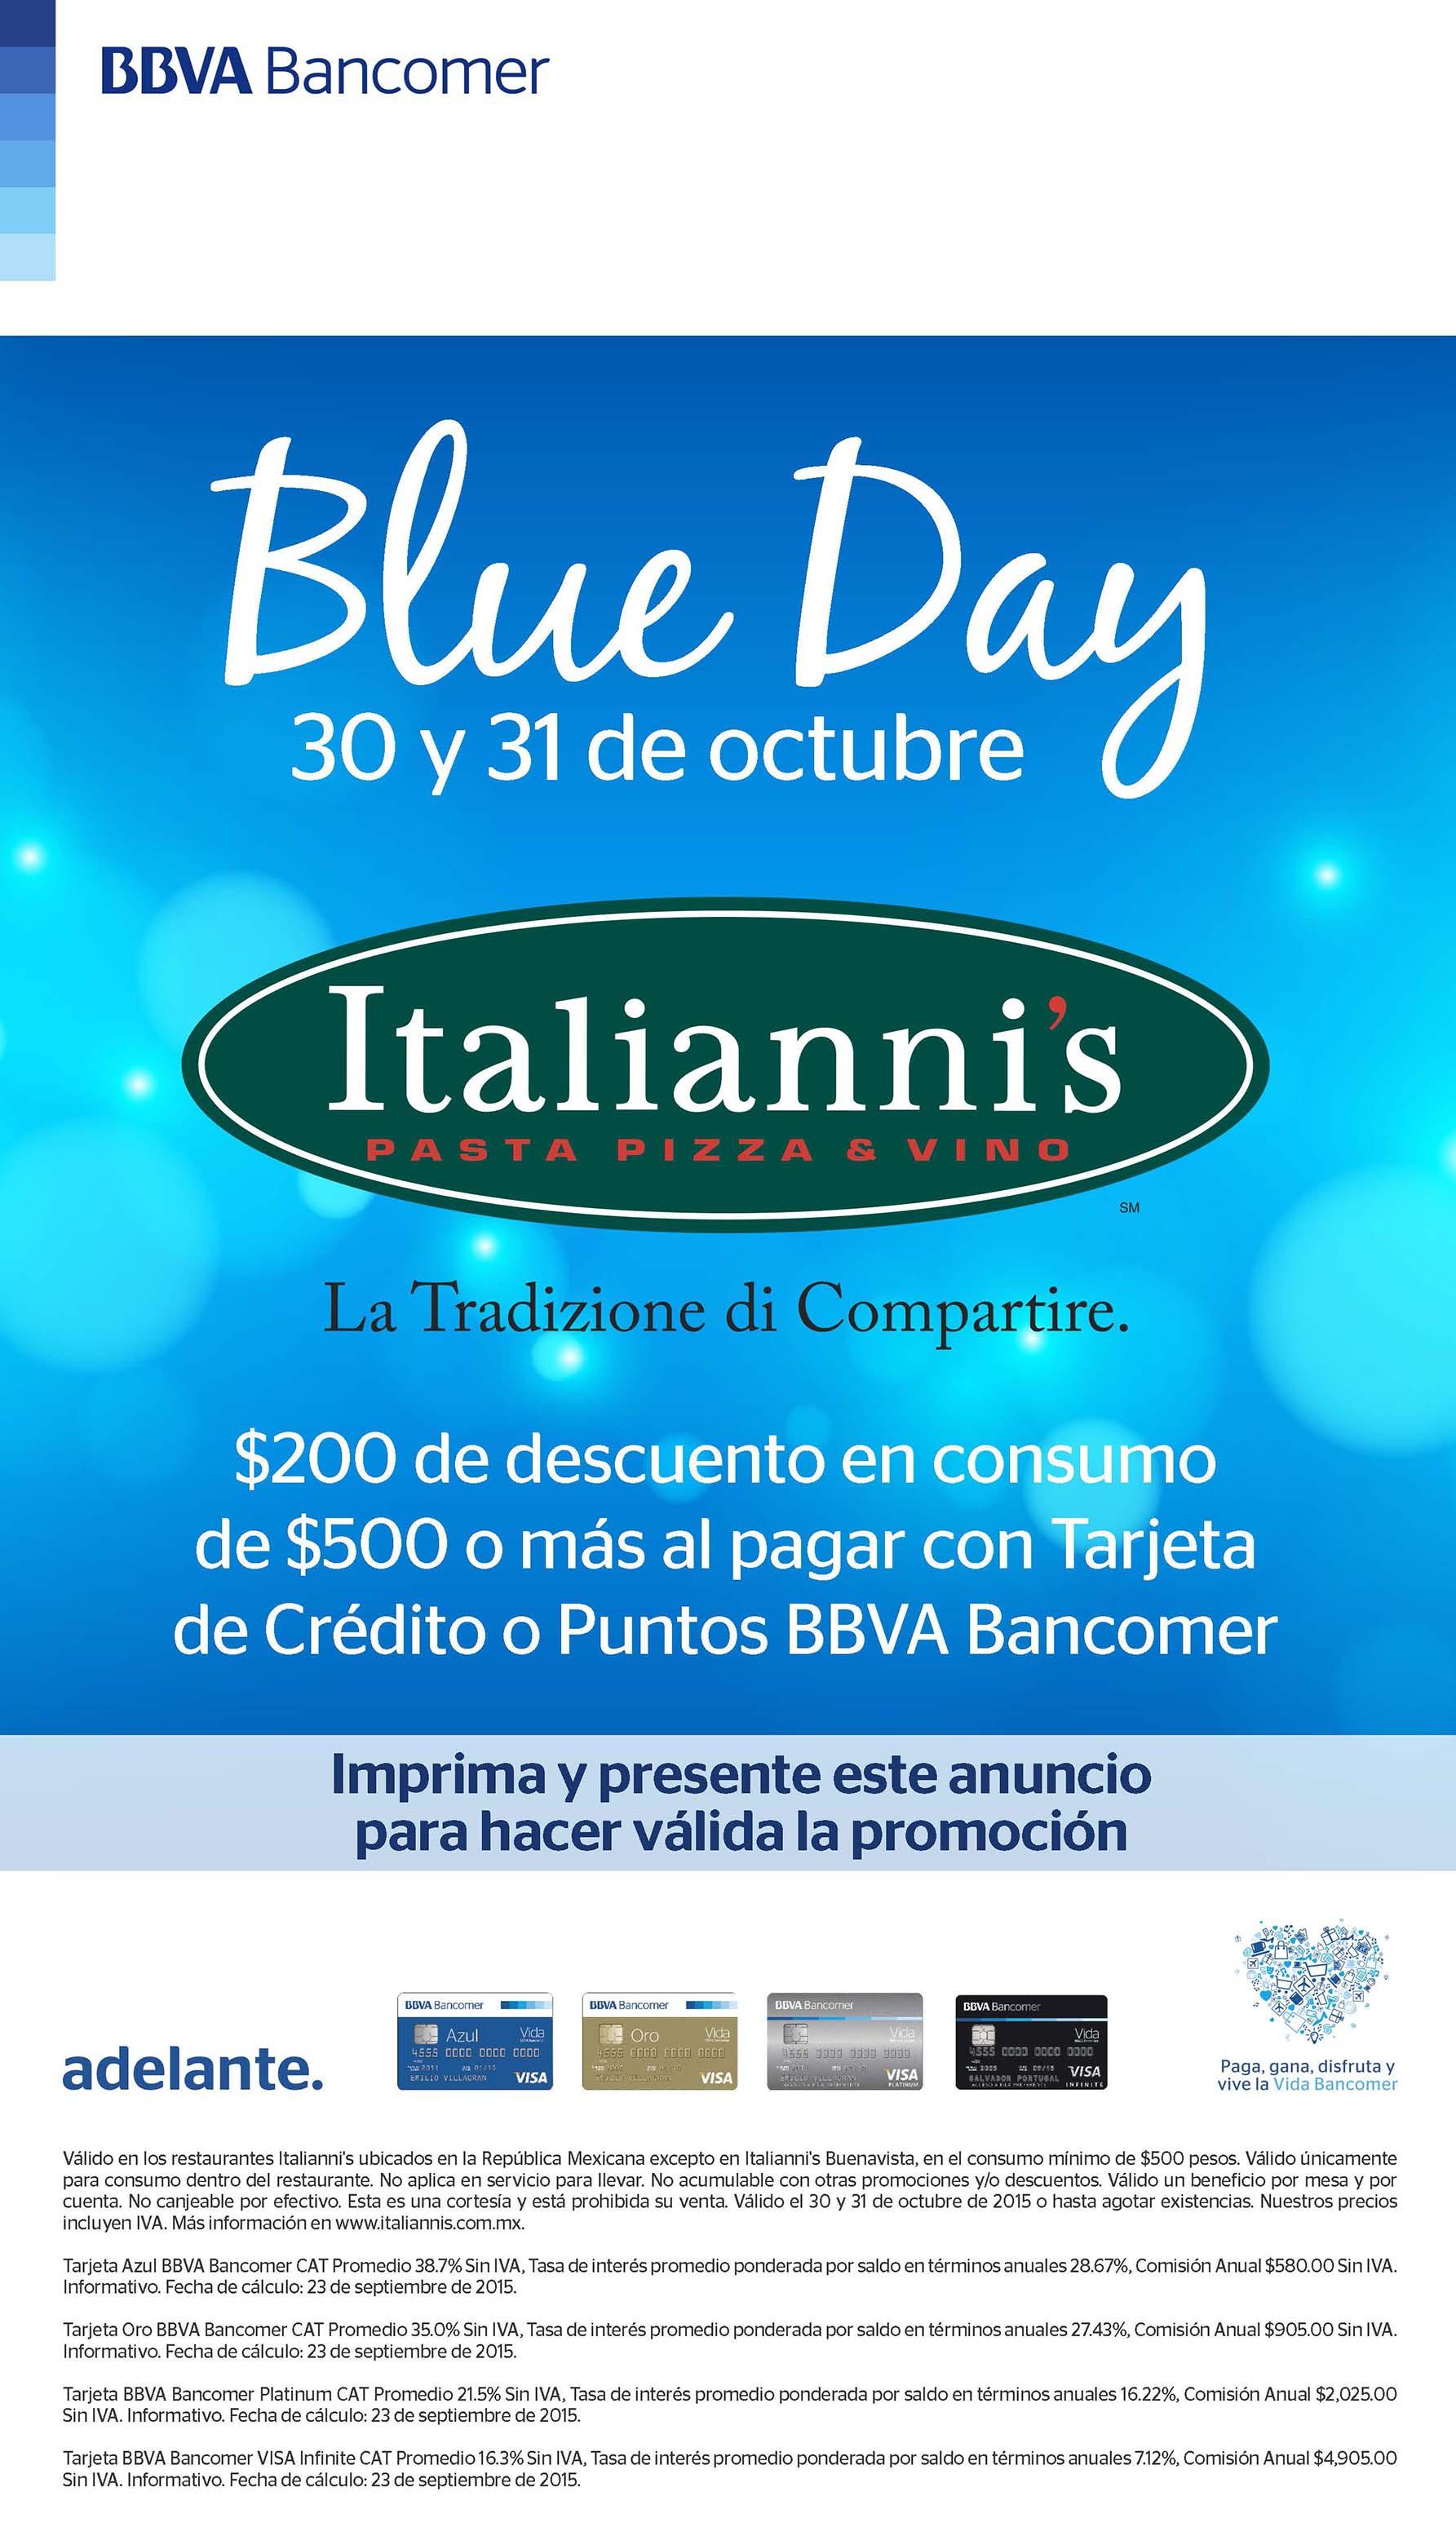 Italianni's: $200 de descuento en consumo de $500 con Bancomer (Oct 30 y 31)